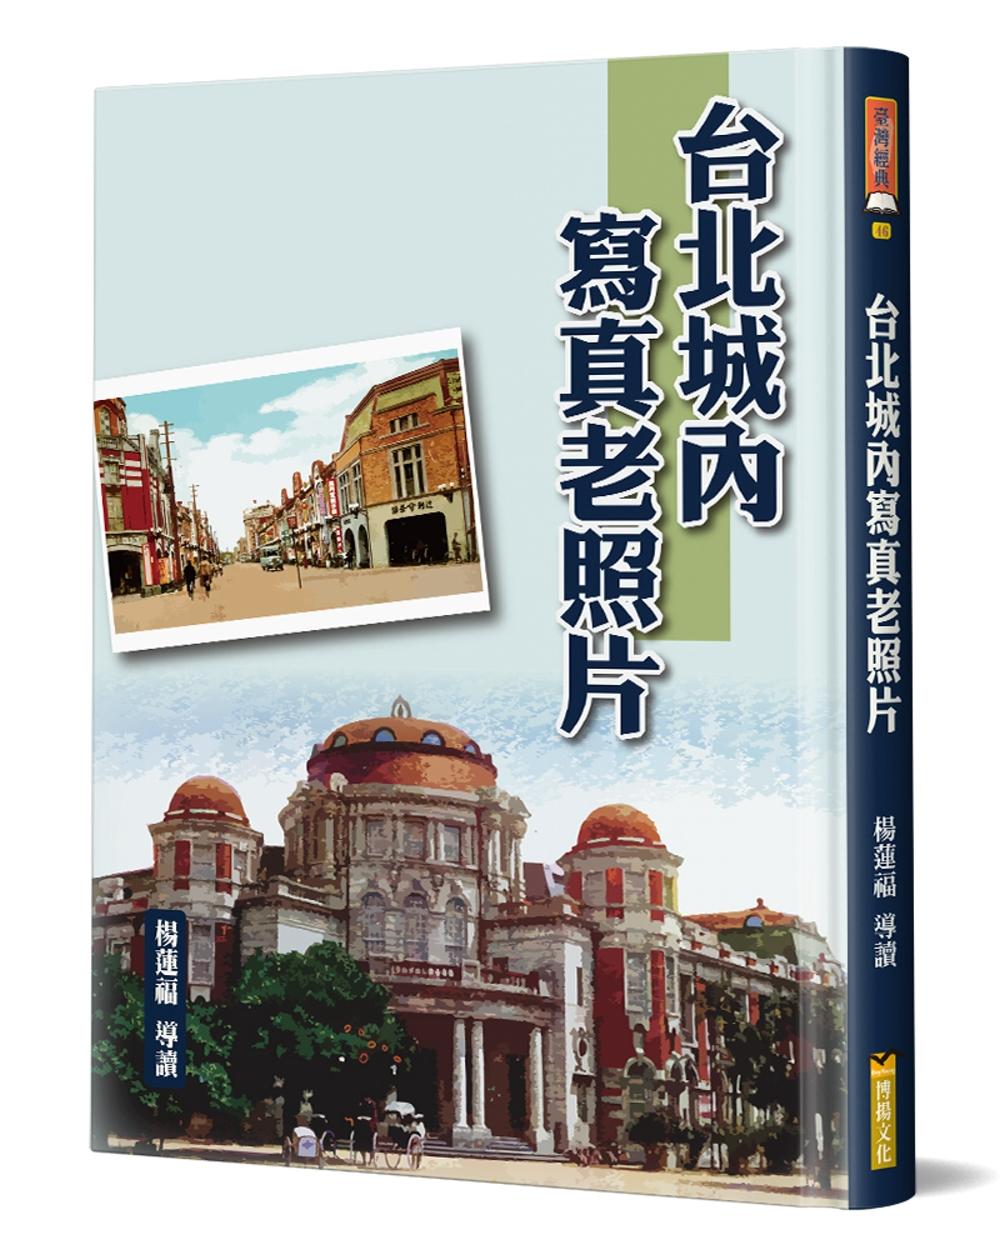 台北城內寫真老照片(精裝)